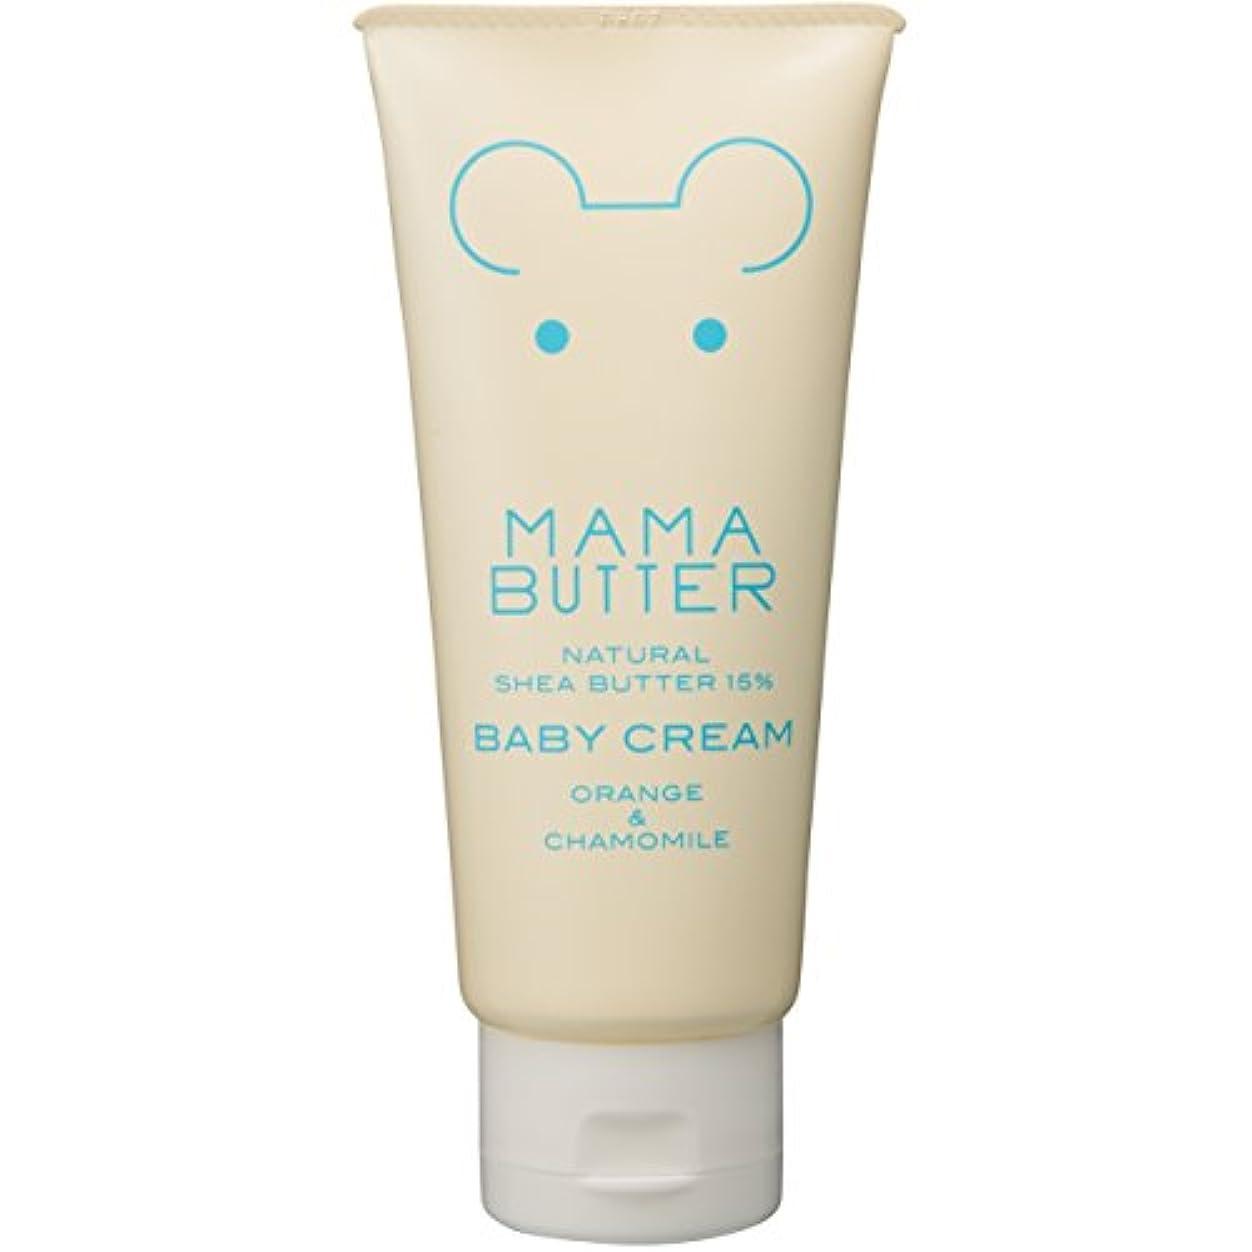 作者憂鬱より多いママバター ベビークリーム 天然 オレンジ&カモミールの香り 130g